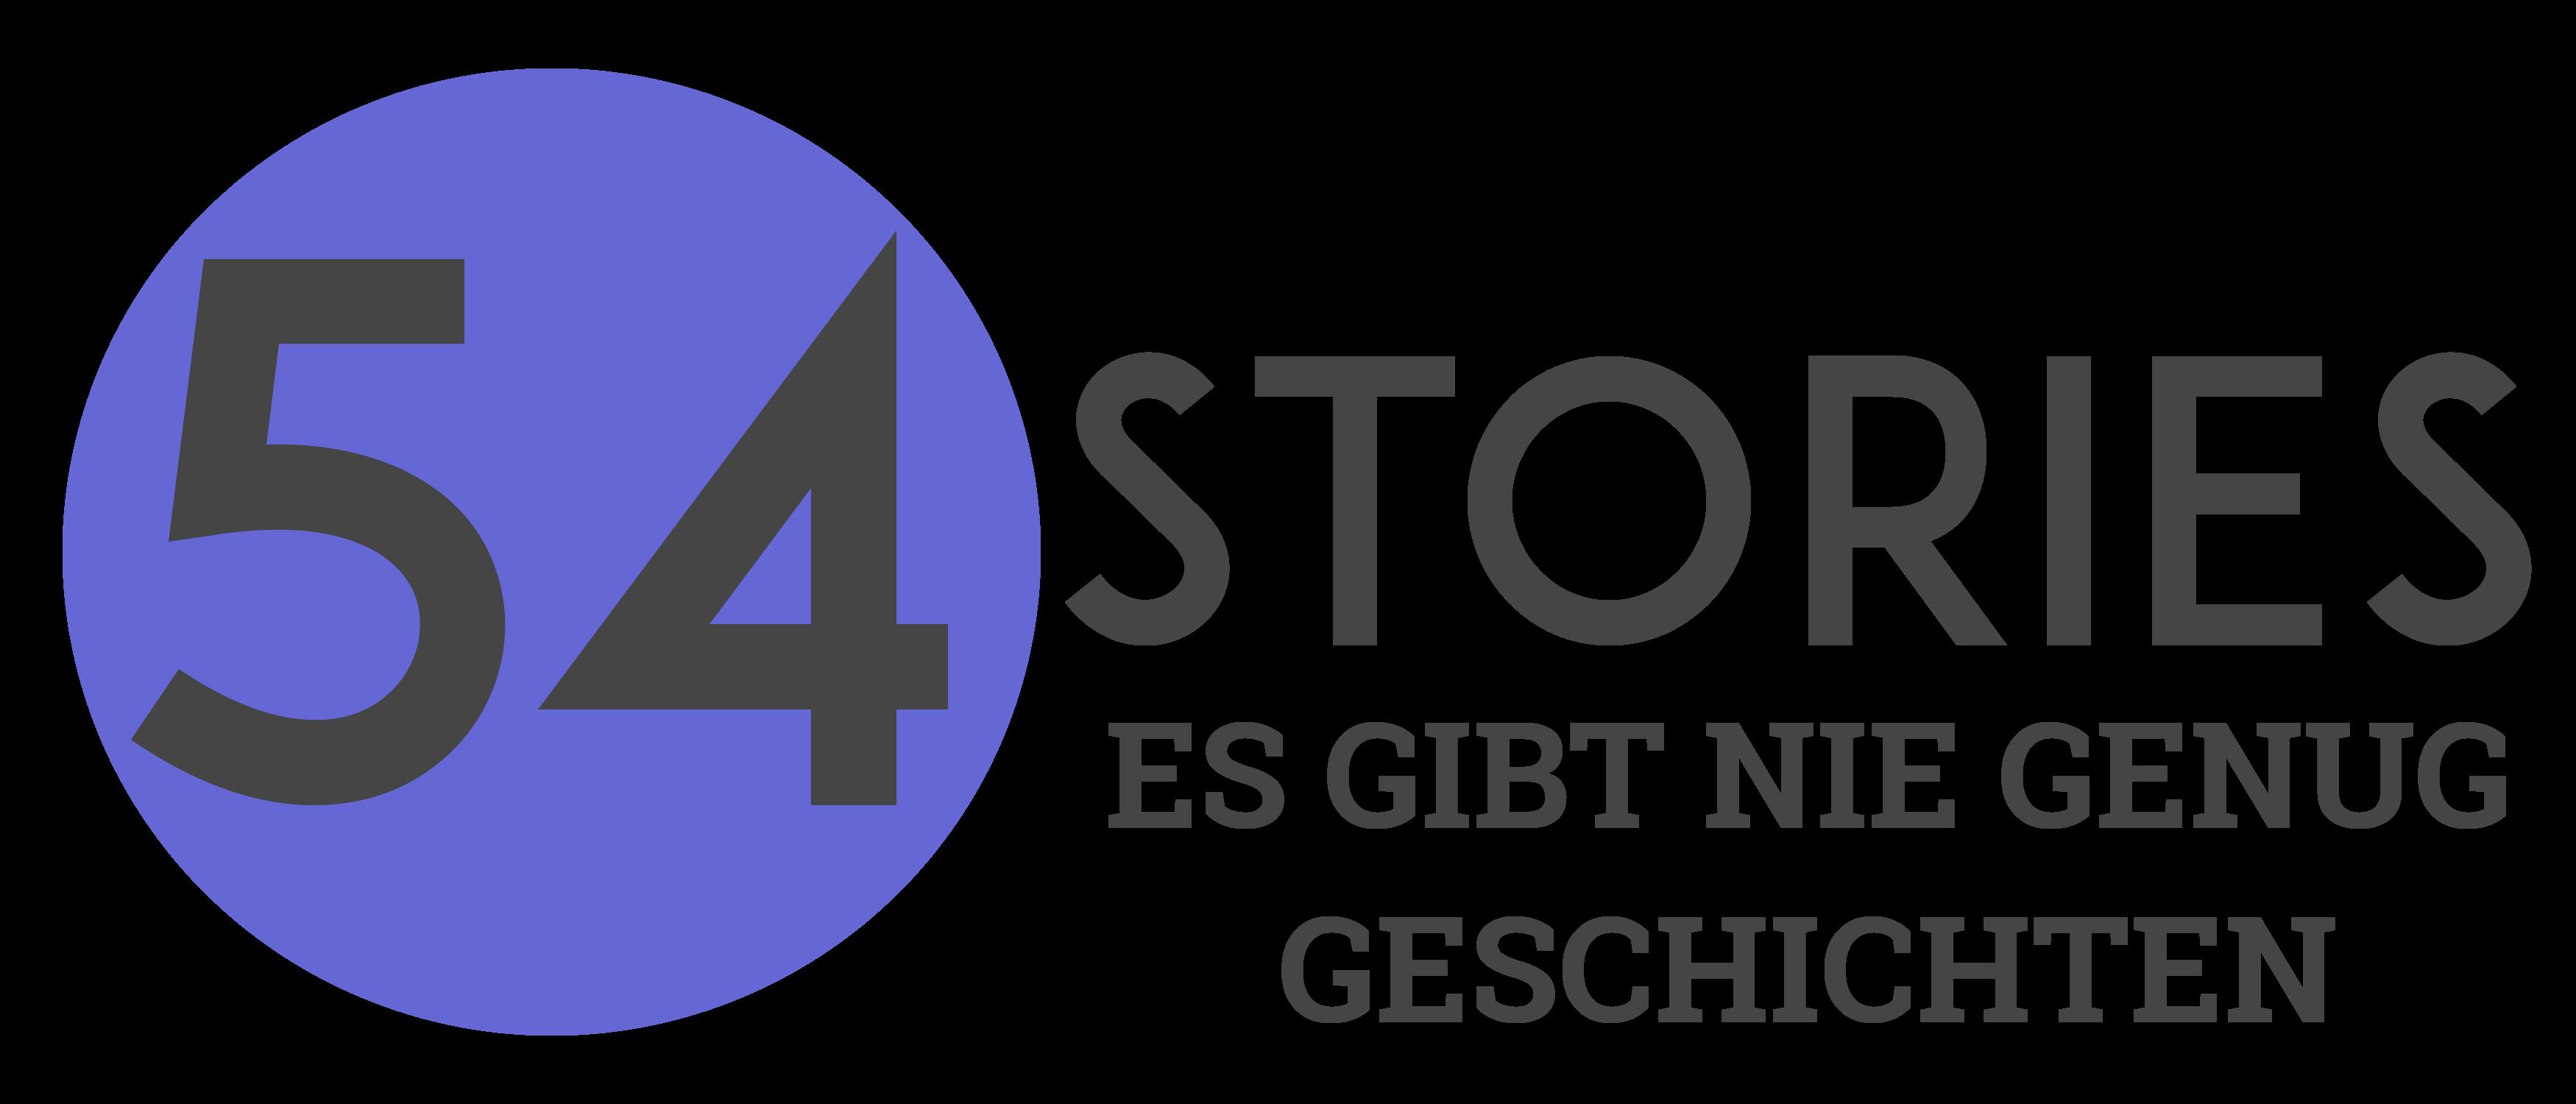 54stories-logo-breit-dunkel